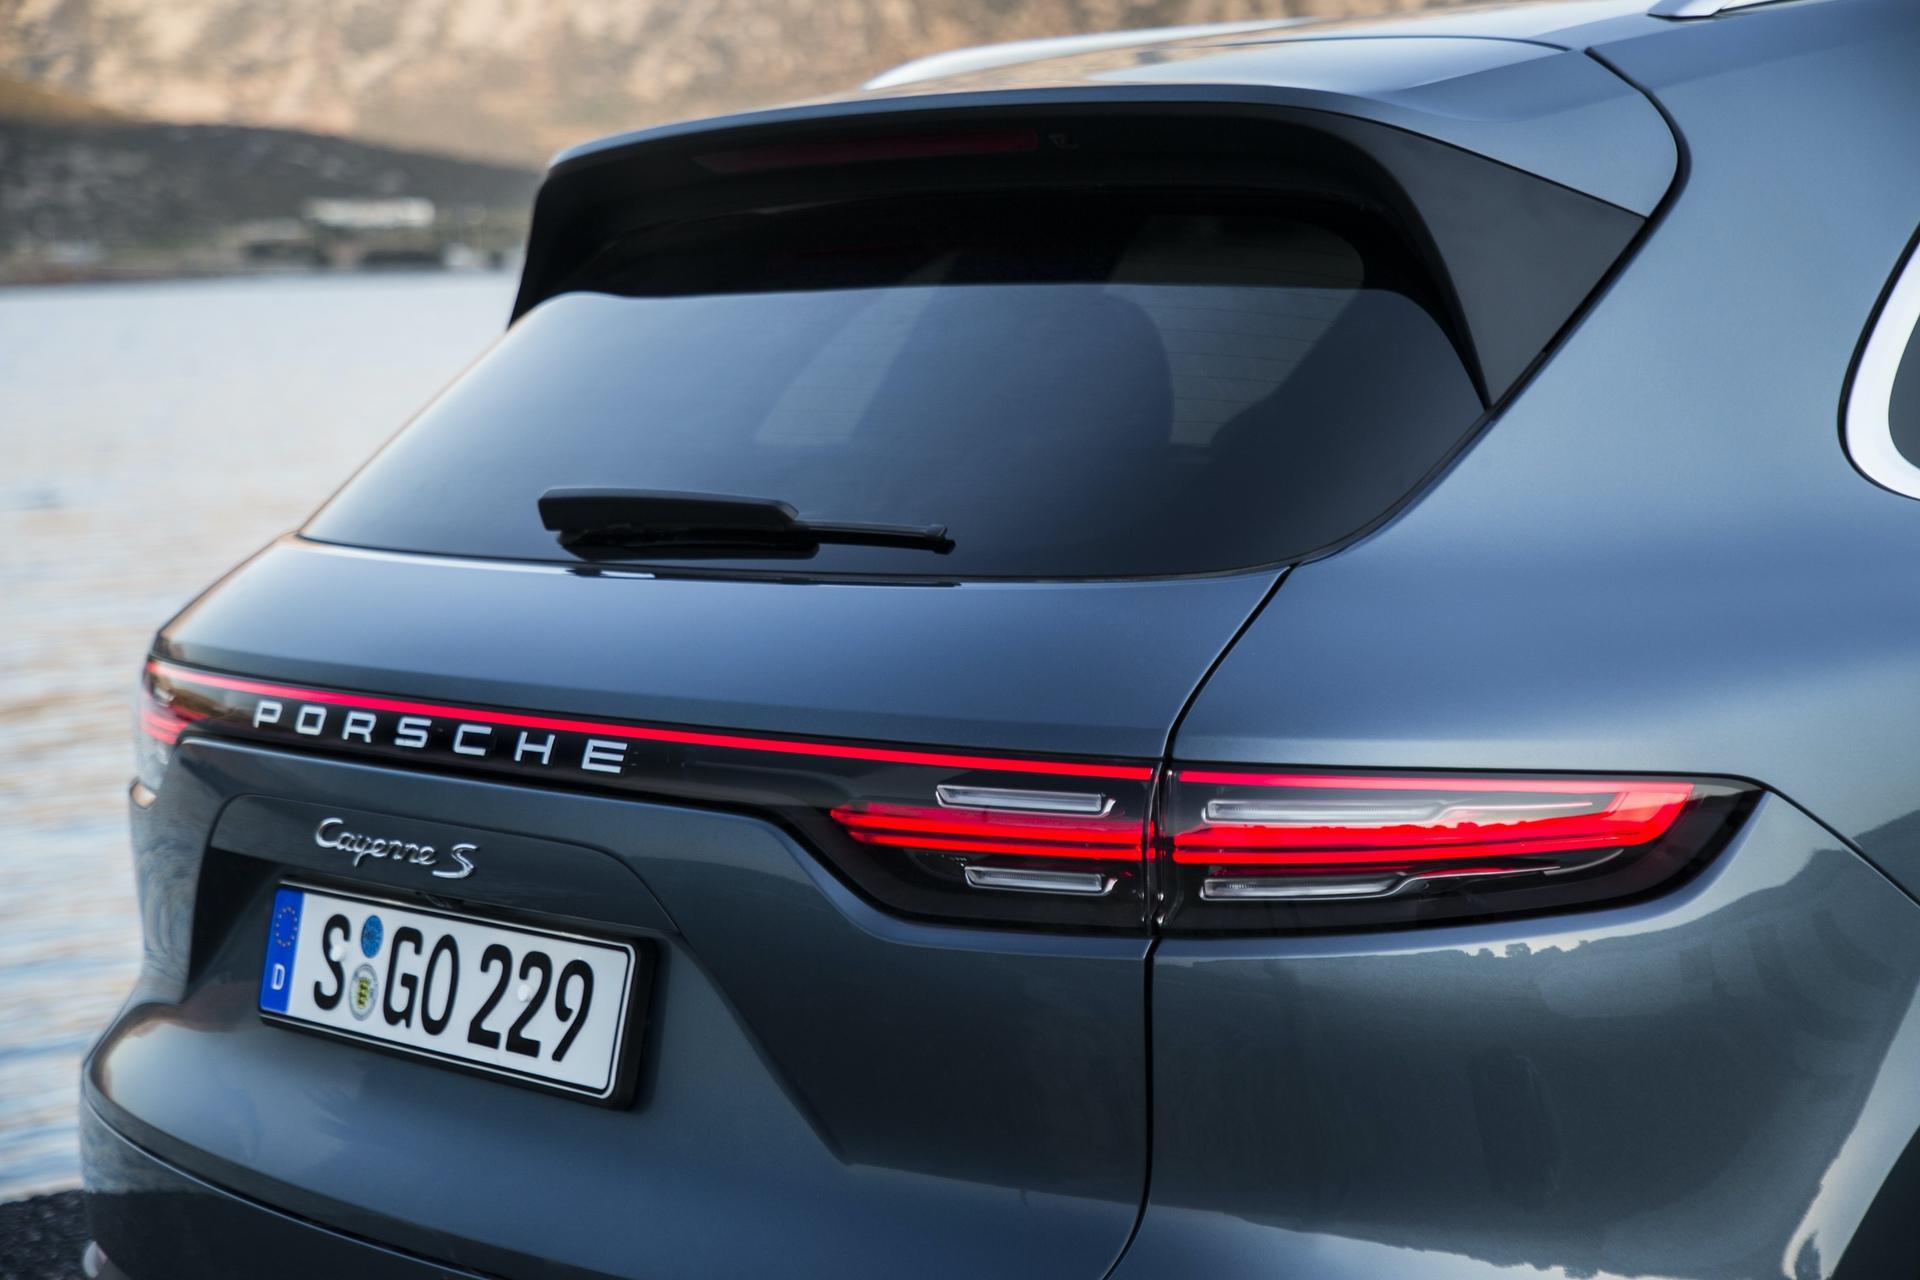 Test_Drive_Porsche_Cayenne_73